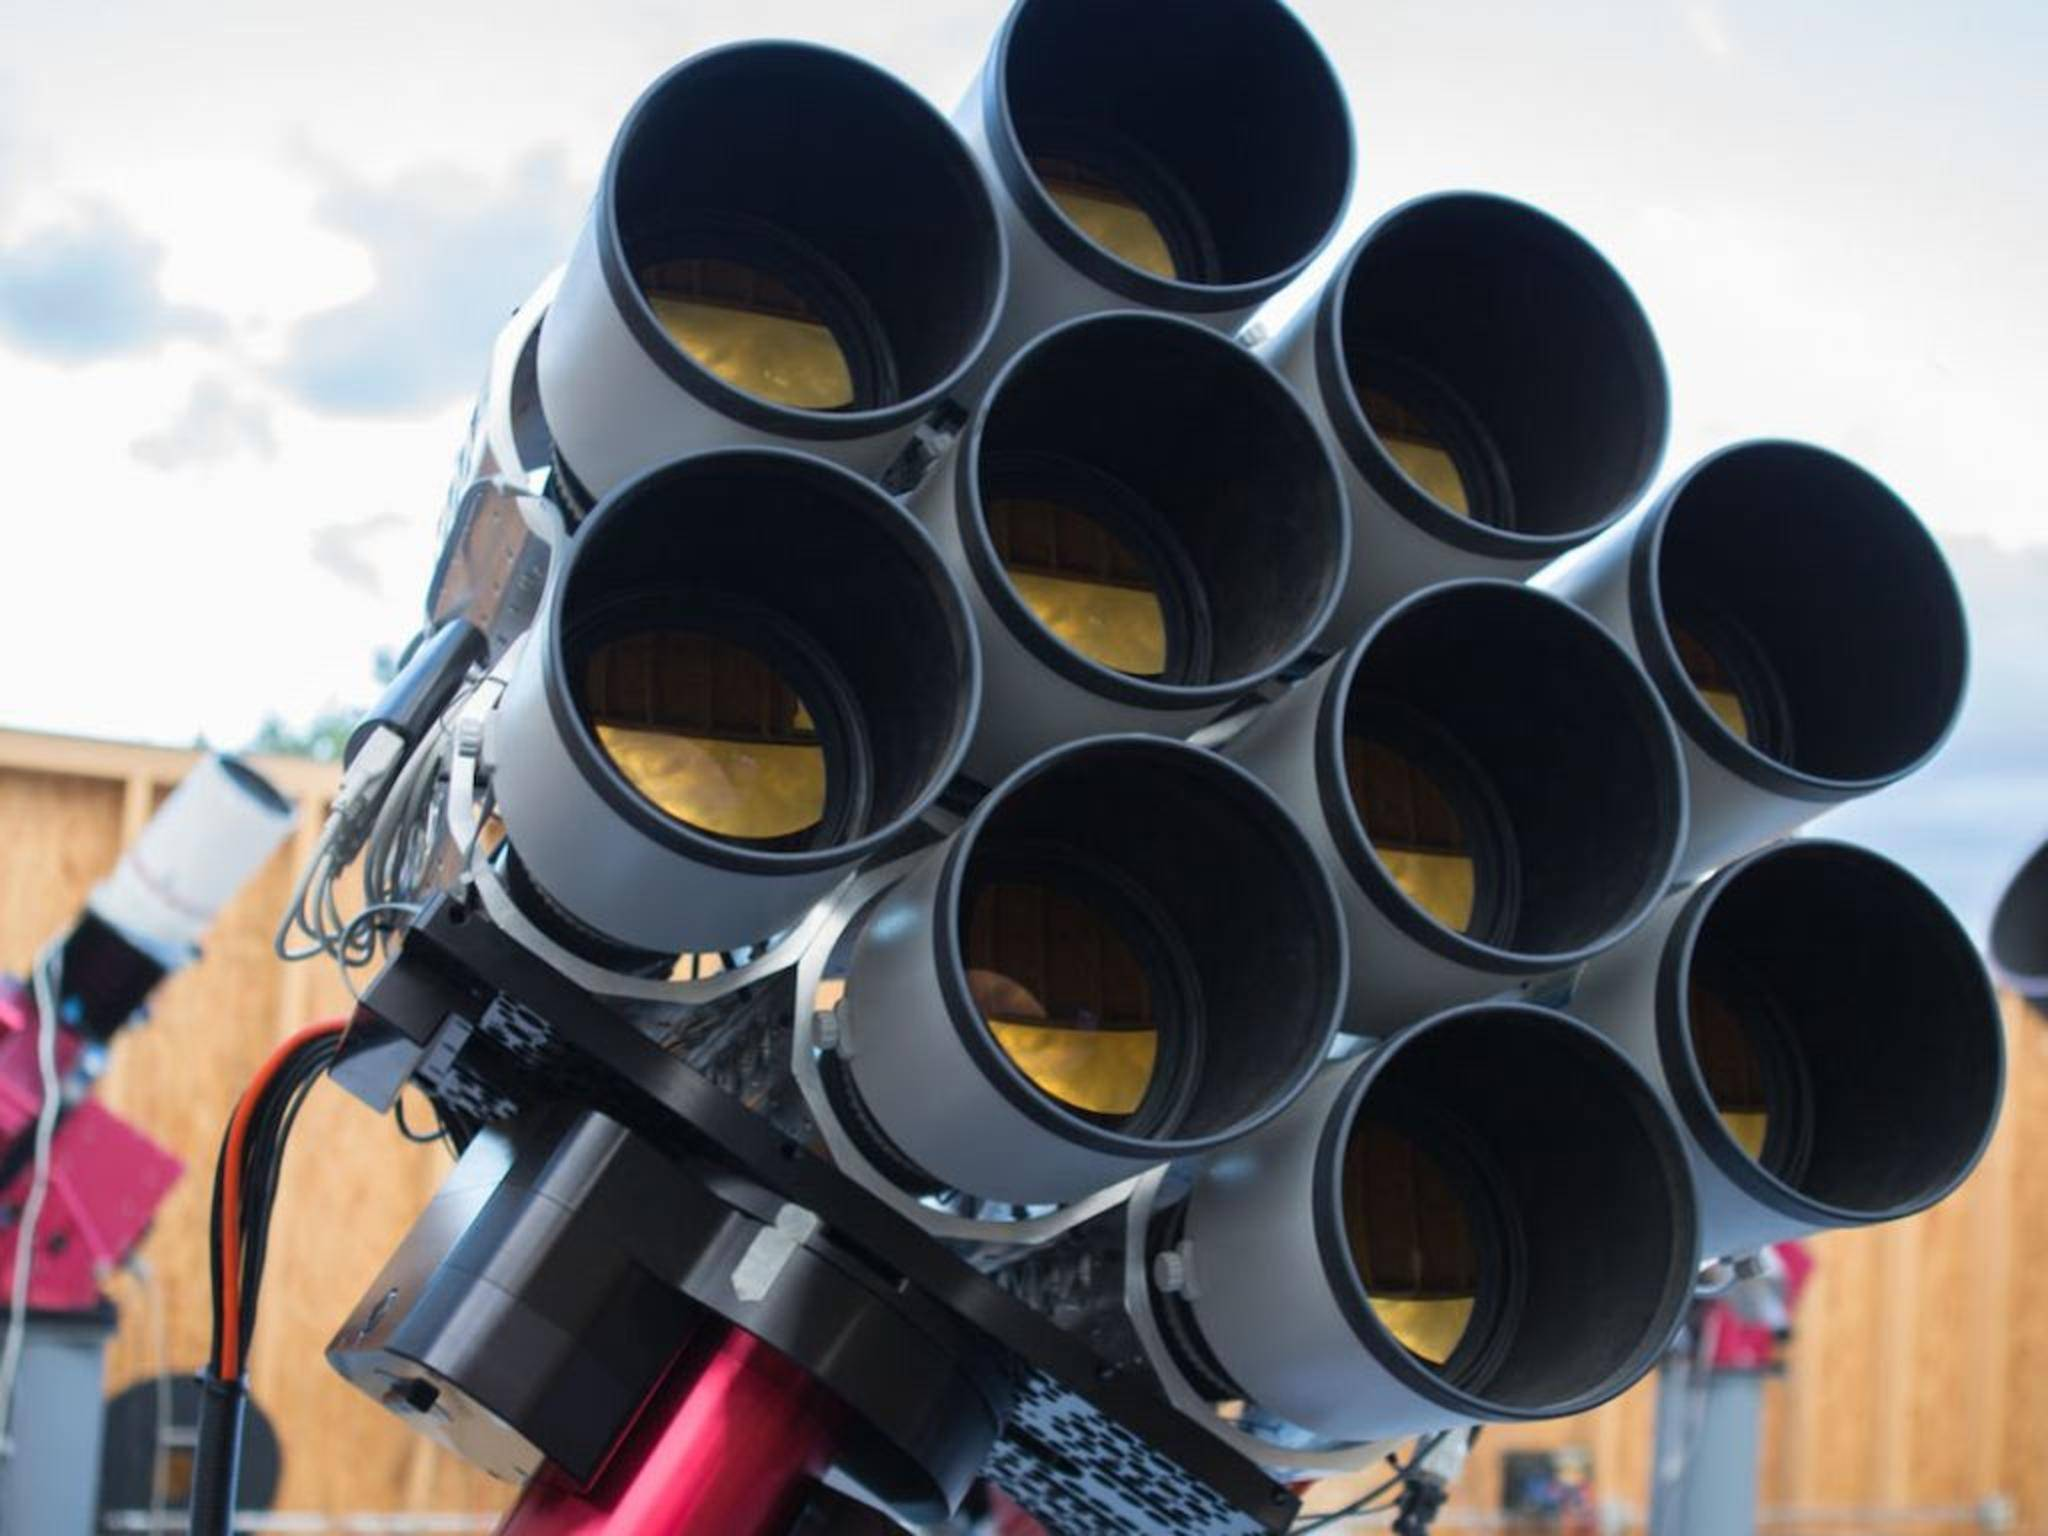 Detailreiche Astrofotografie dank Canon-Linsen: das Teleskop der University of Toronto.